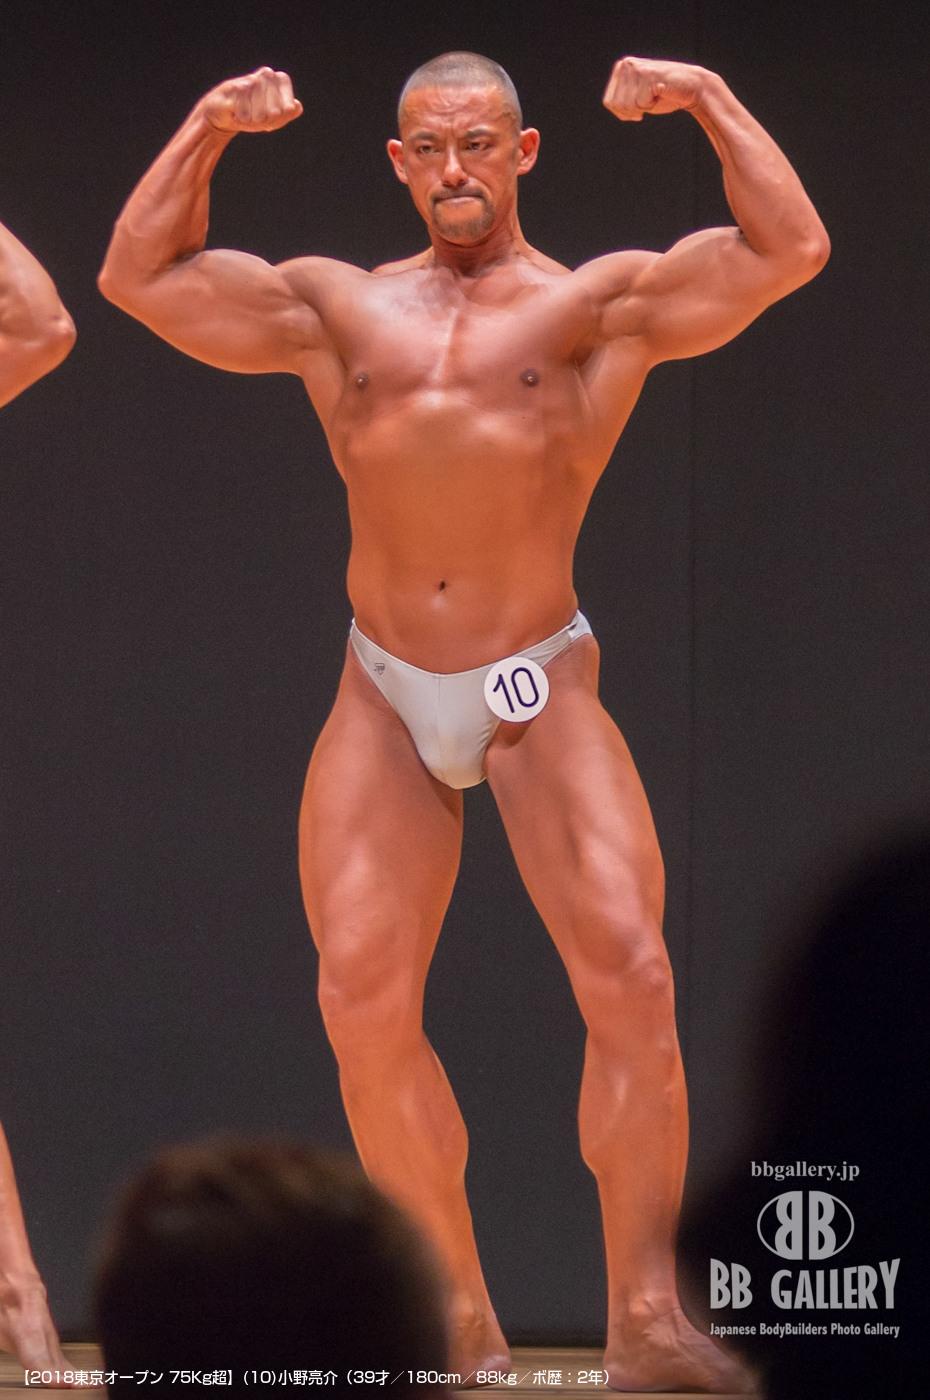 【2018東京オープン 75Kg超】(10)小野亮介(39才/180cm/88kg/ボ歴:2年)